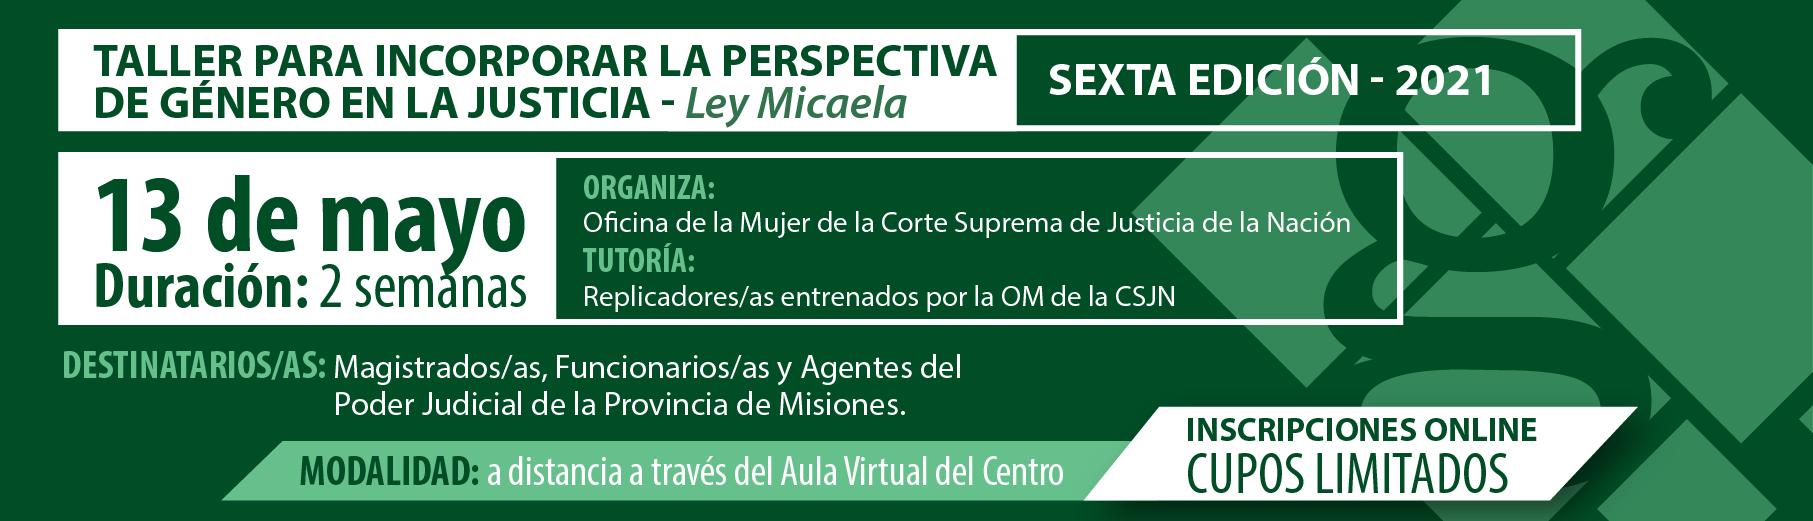 Taller para incorporar la perspectiva de género en la Justicia – Ley Micaela- SEXTA EDICIÓN 2021